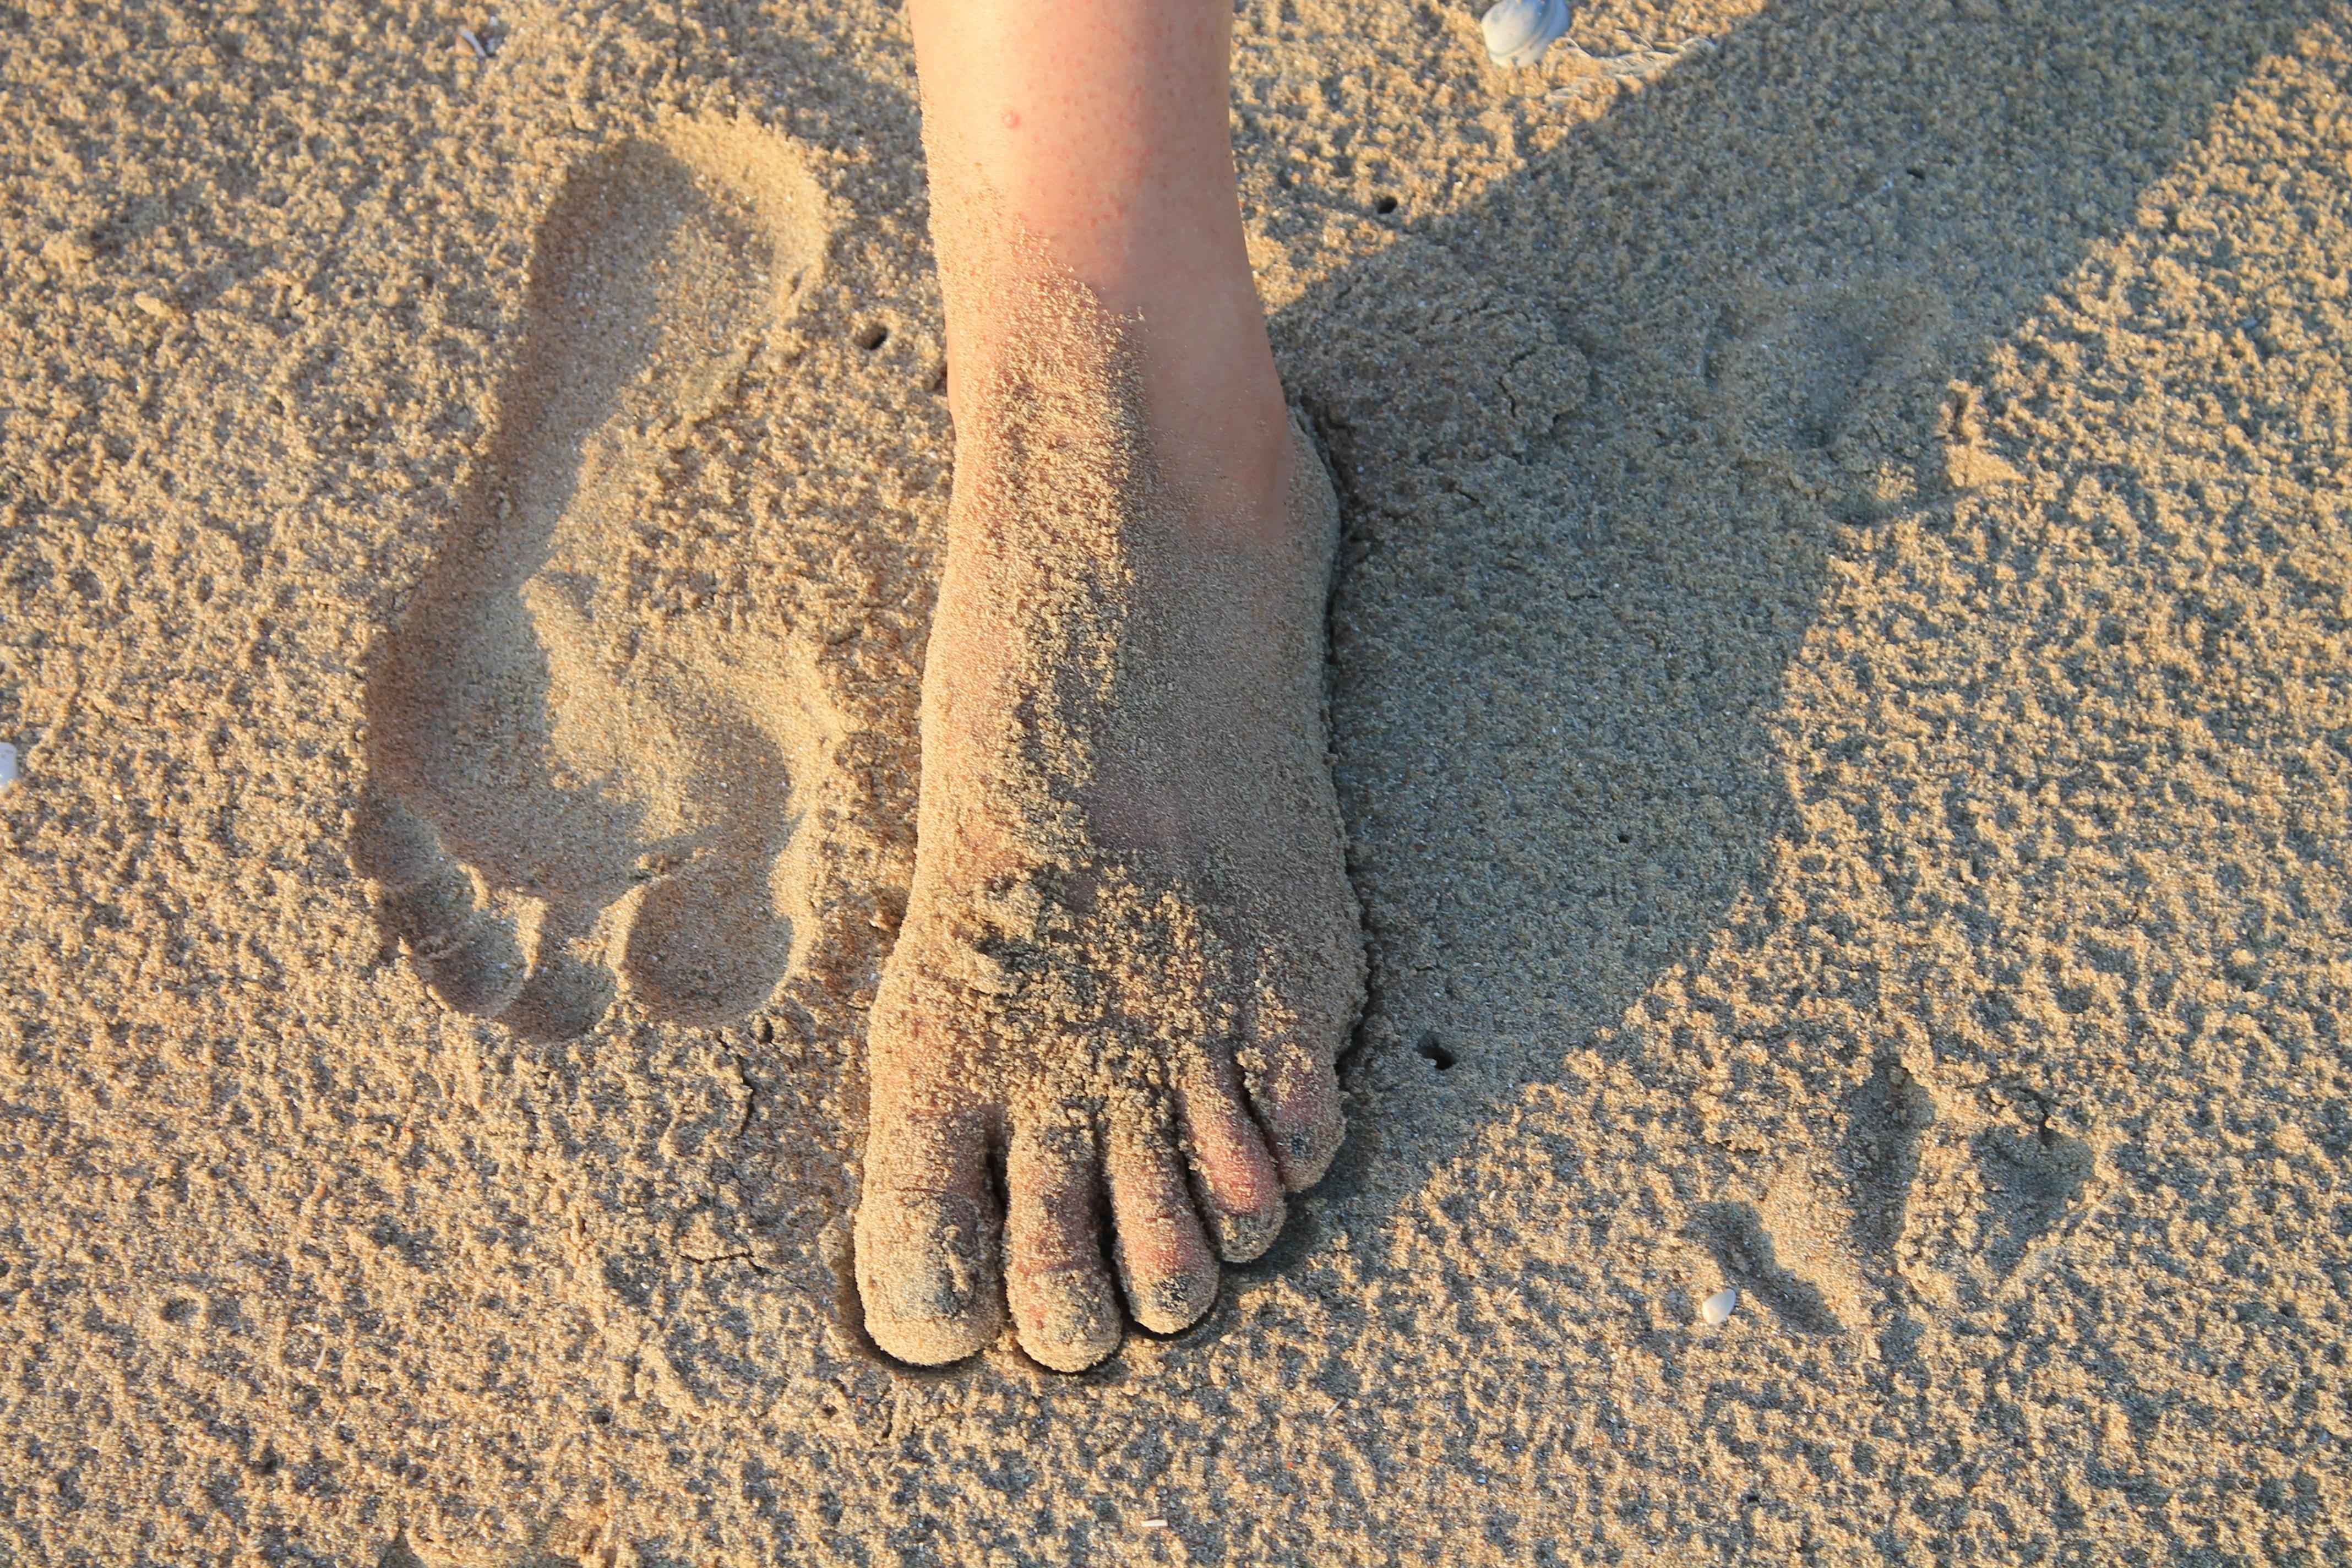 этого картинка песок отпечатки автомобиля, провалившегося